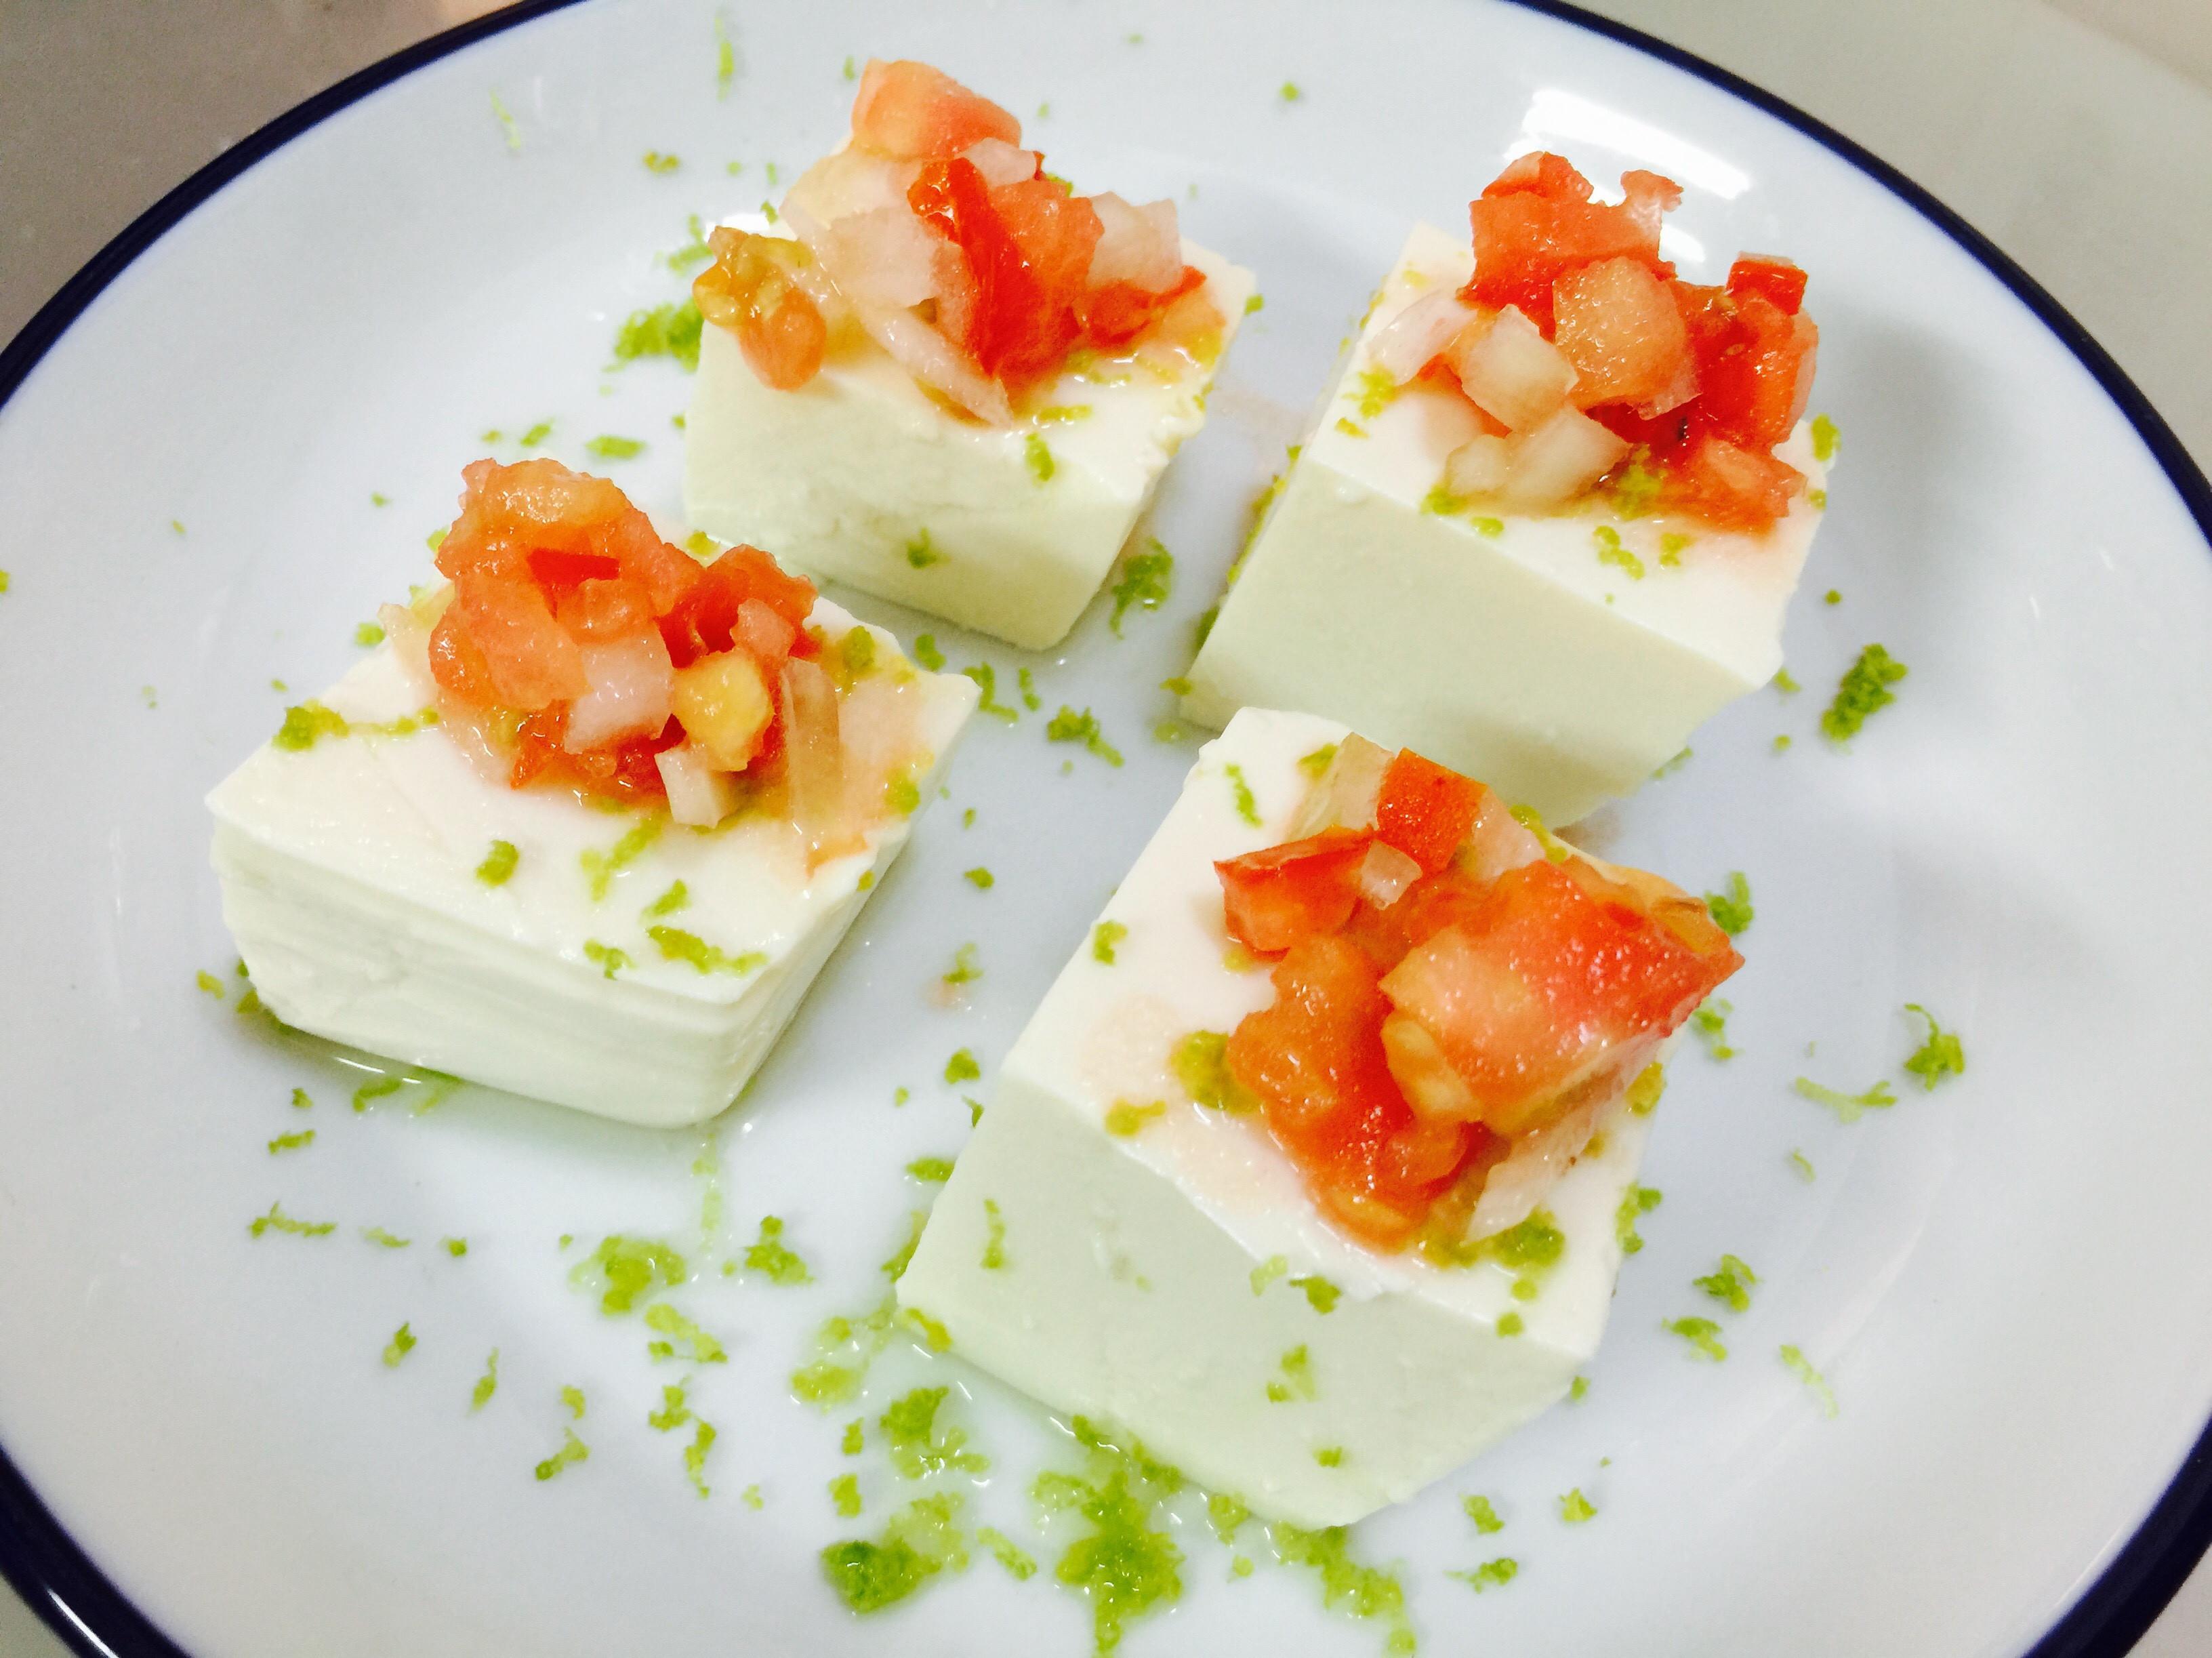 夏天就是要這ㄧ味:檸檬莎莎醬涼拌豆腐